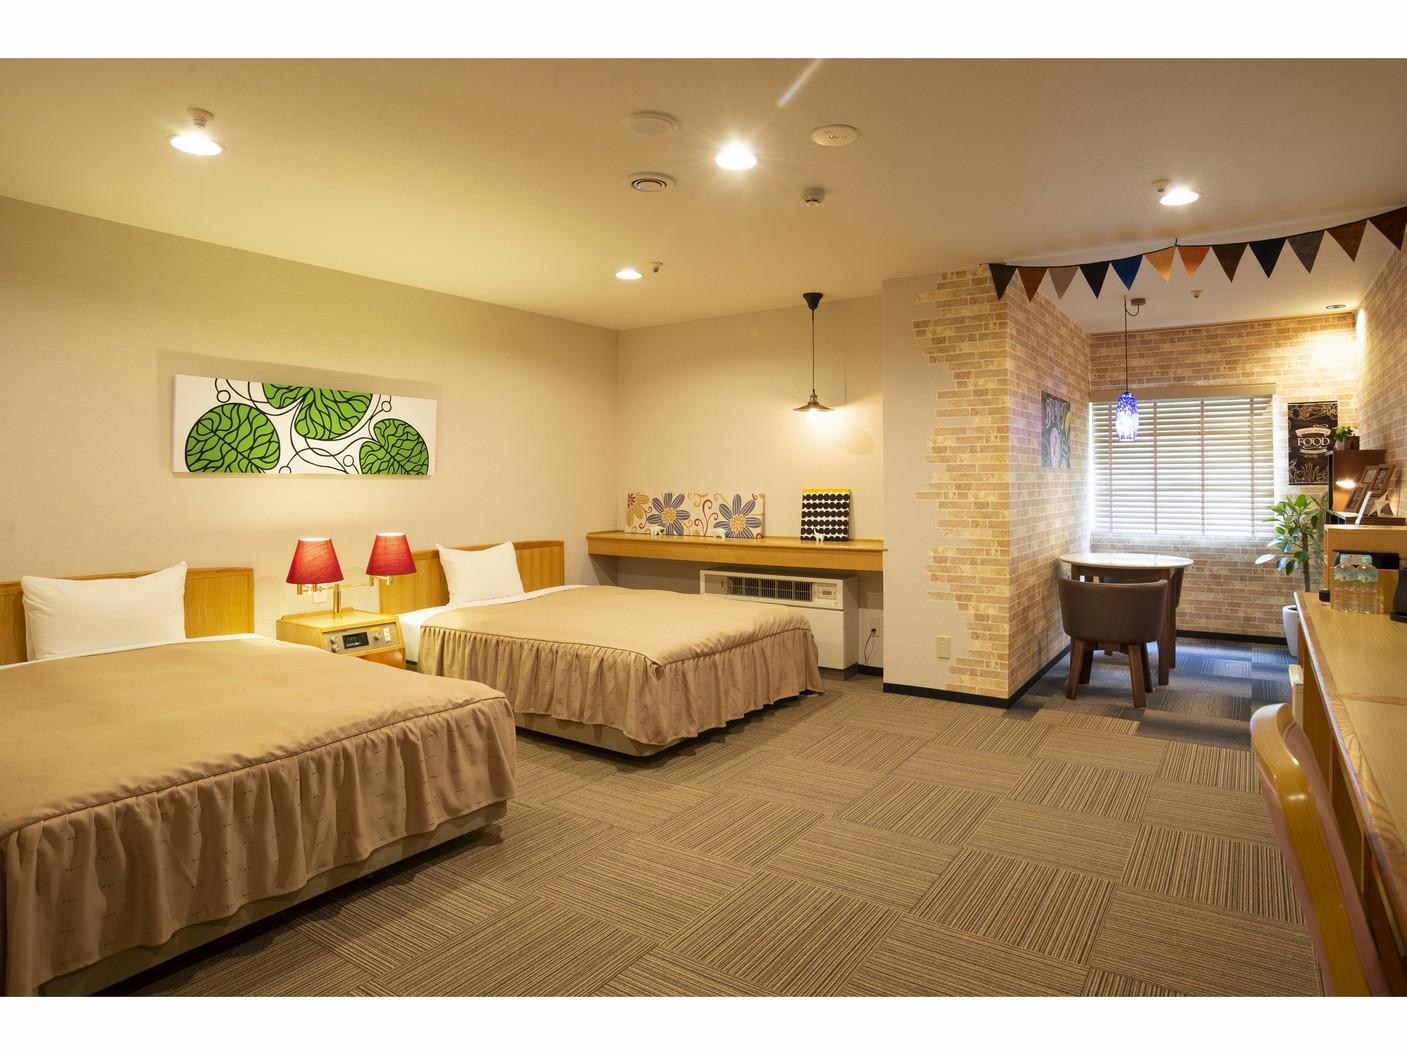 カフェコーナーのある部屋(2)